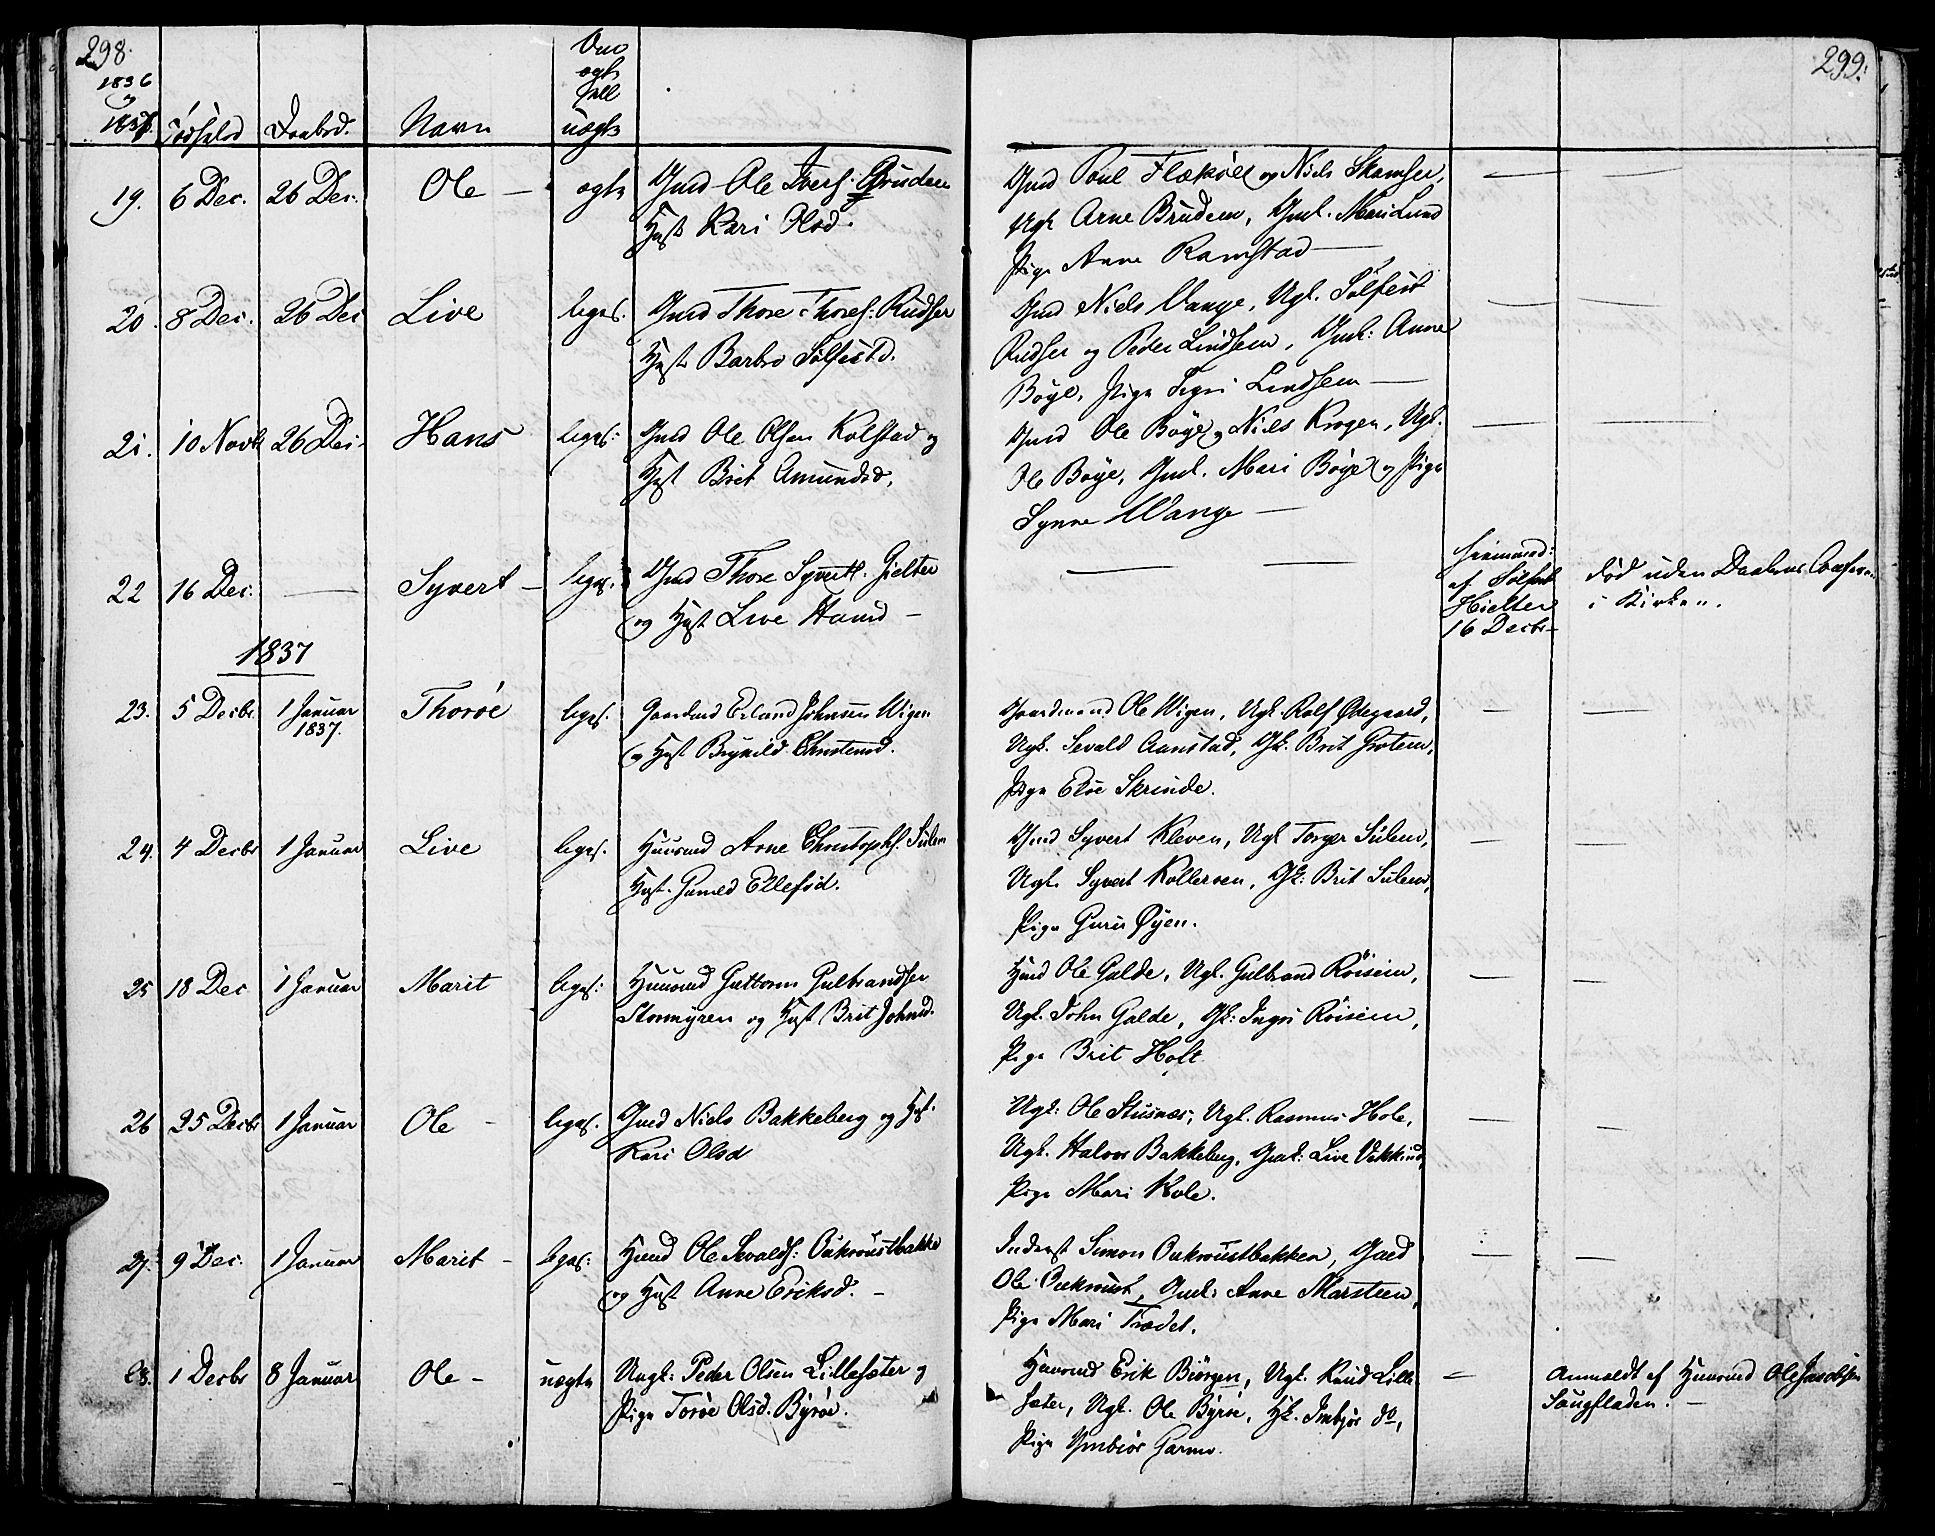 SAH, Lom prestekontor, K/L0005: Ministerialbok nr. 5, 1825-1837, s. 298-299